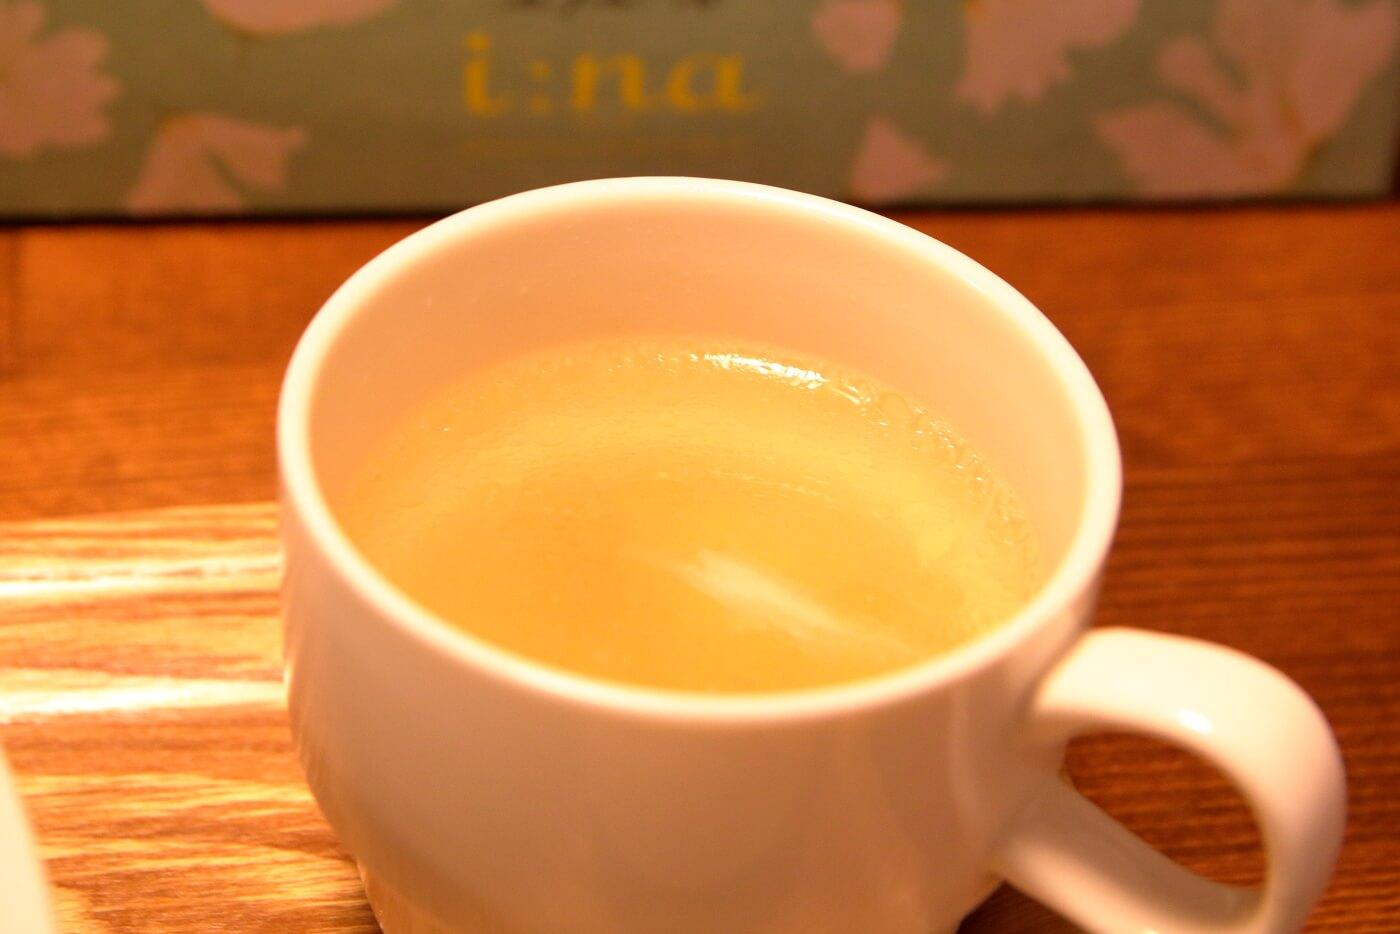 高知市一宮のラーメン店 和へる(あえる) 油そばのスープ